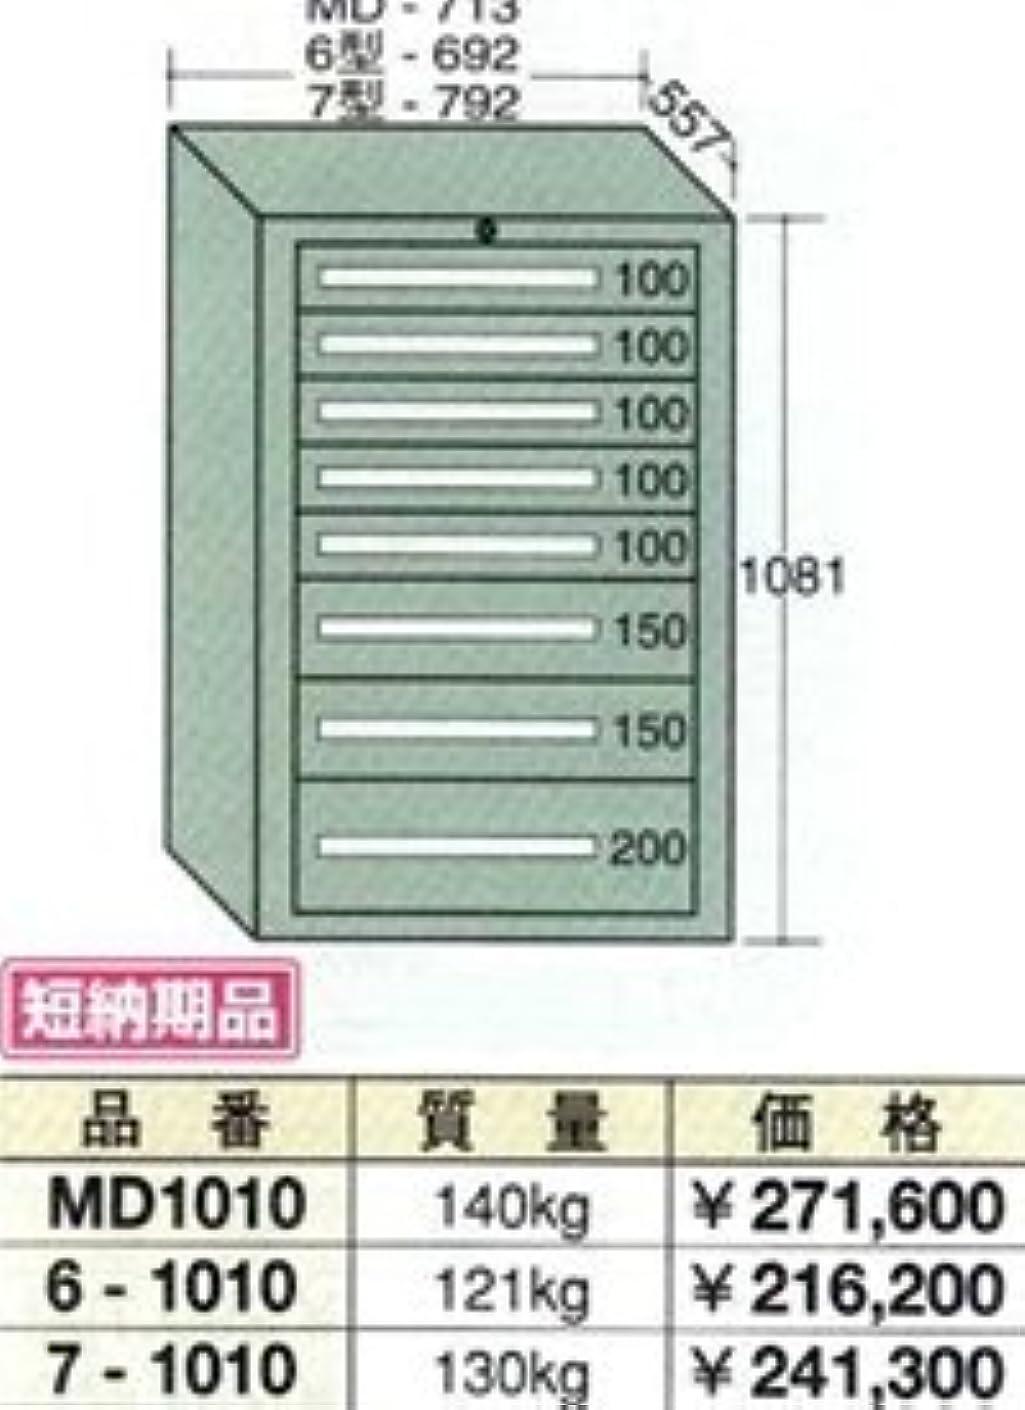 ナチュラルより多い右OS(大阪製罐) ミドルキャビネット MD1010